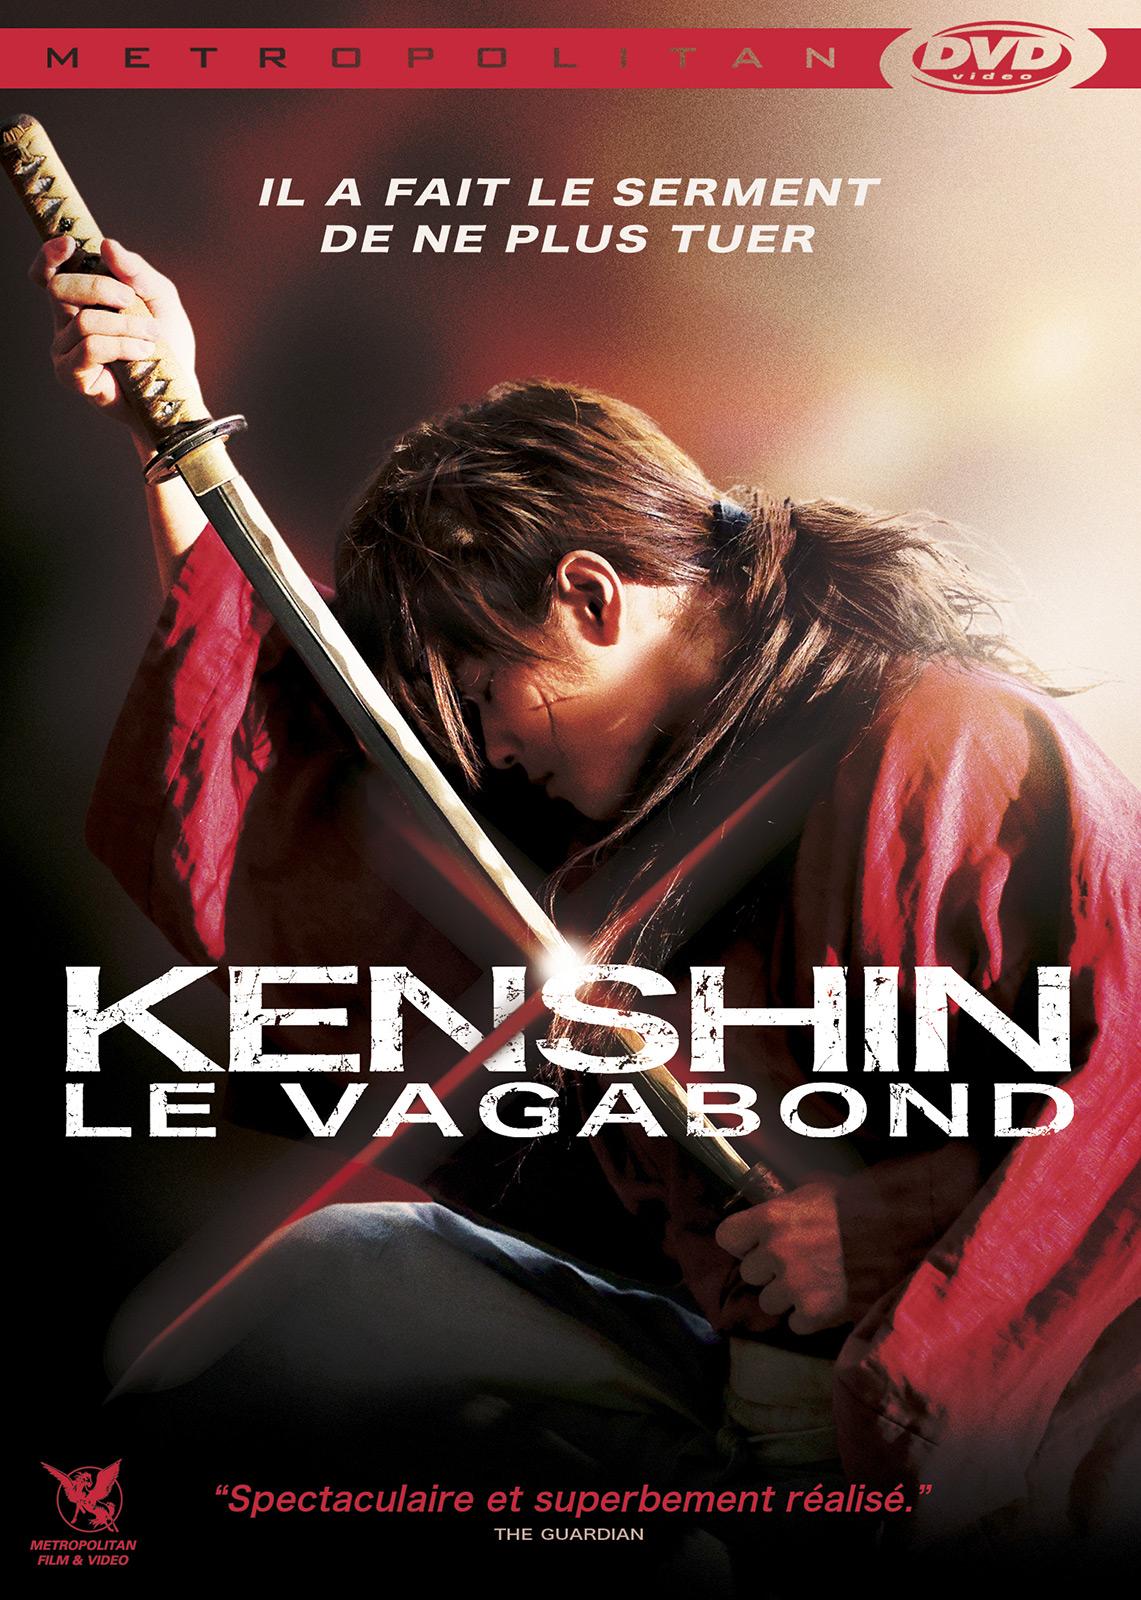 Kenshin Le Vagabond Episode 1 Vf Youtube : kenshin, vagabond, episode, youtube, Achat, Kenshin, Vagabond, AlloCiné